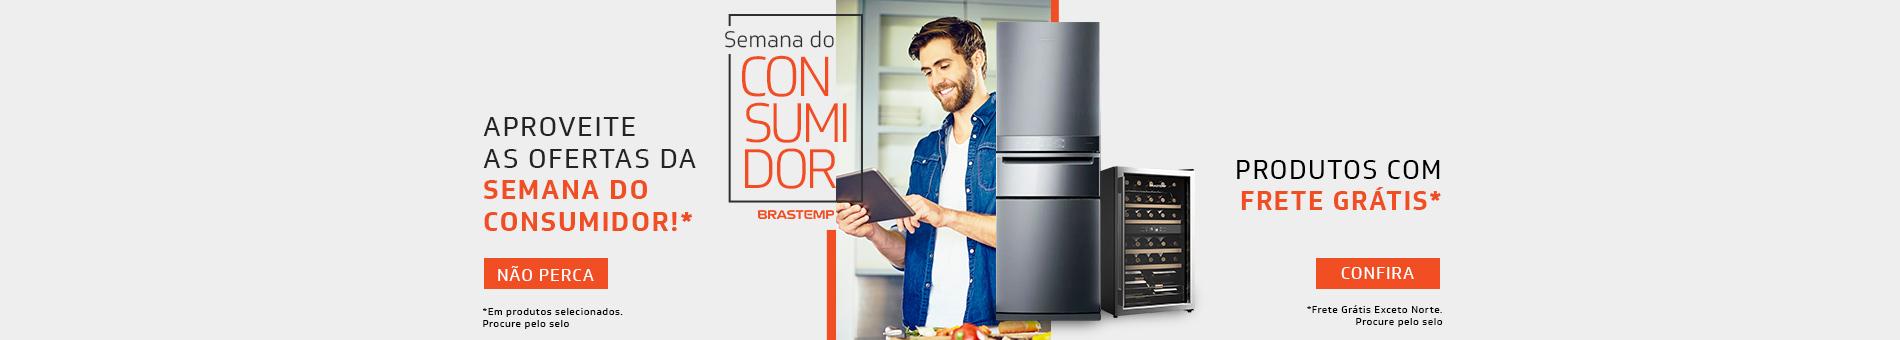 Promoção Interna - 2892 - campanha-semana-consumidor_generico_11032019_home1 - generico - 1